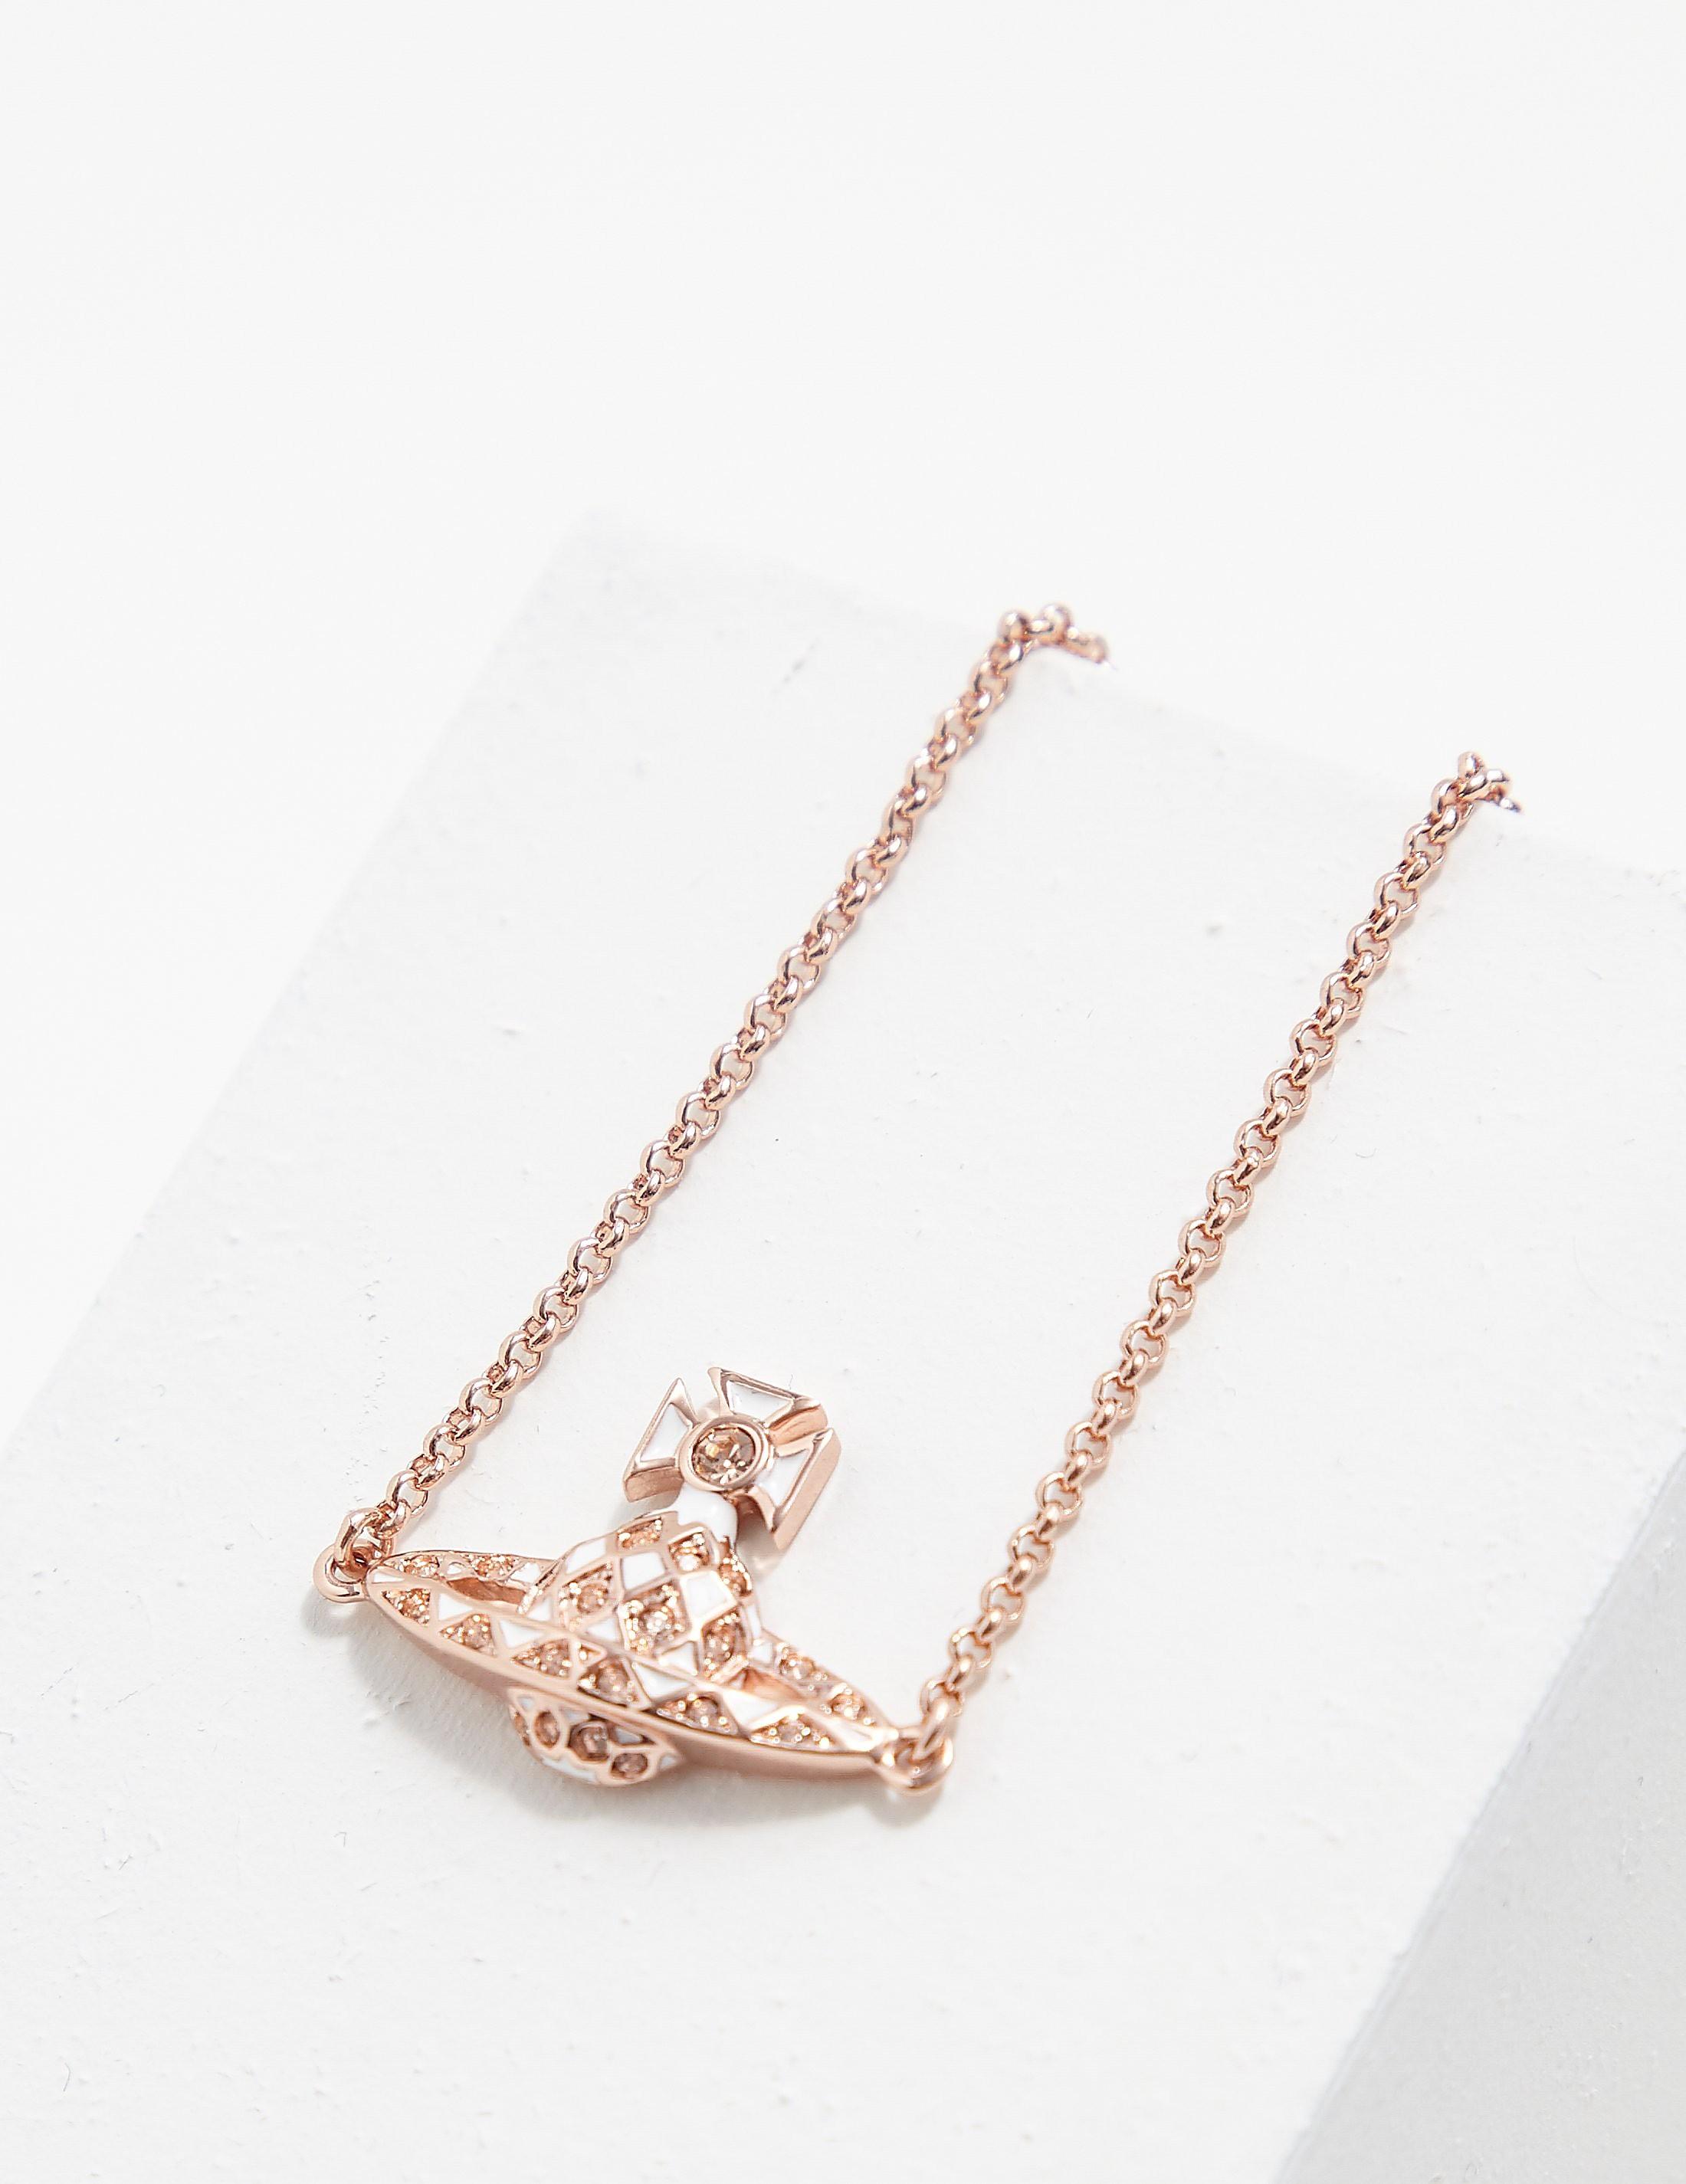 Vivienne Westwood Harlequin Bracelet